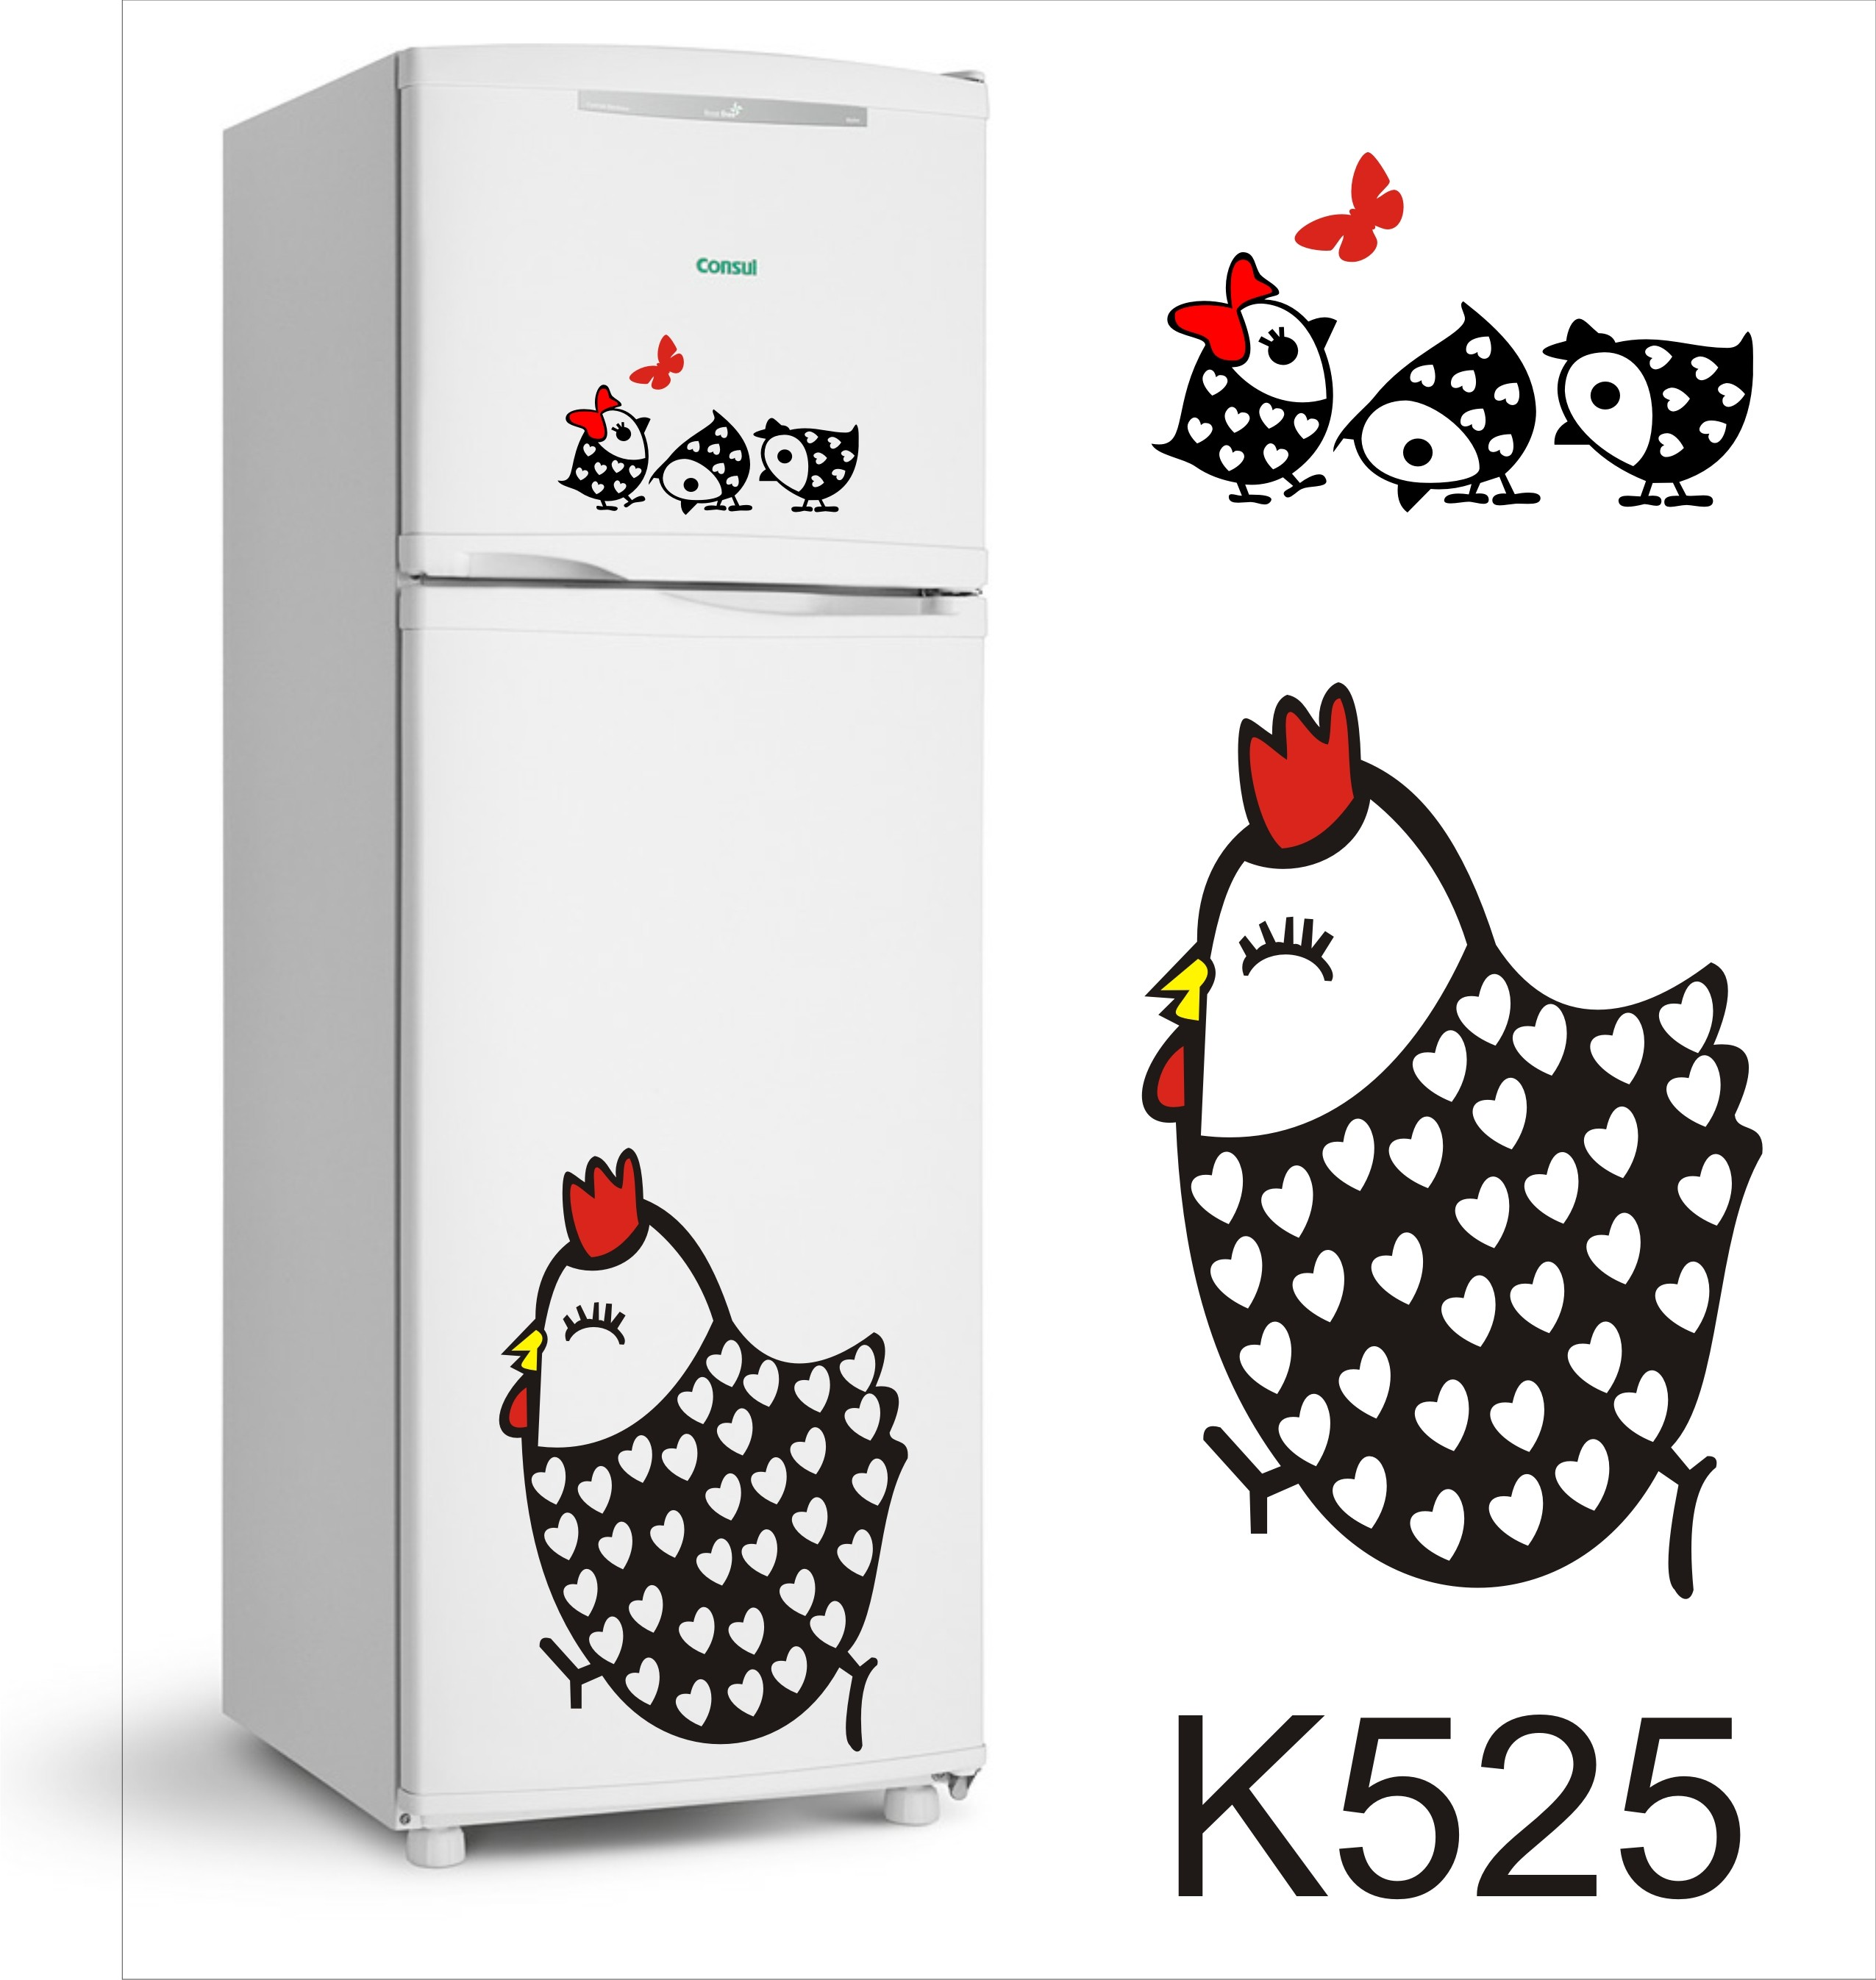 Adesivo Para Armario De Cozinha Onde Comprar # Beyato com> Vários desenhos sobre idéias de